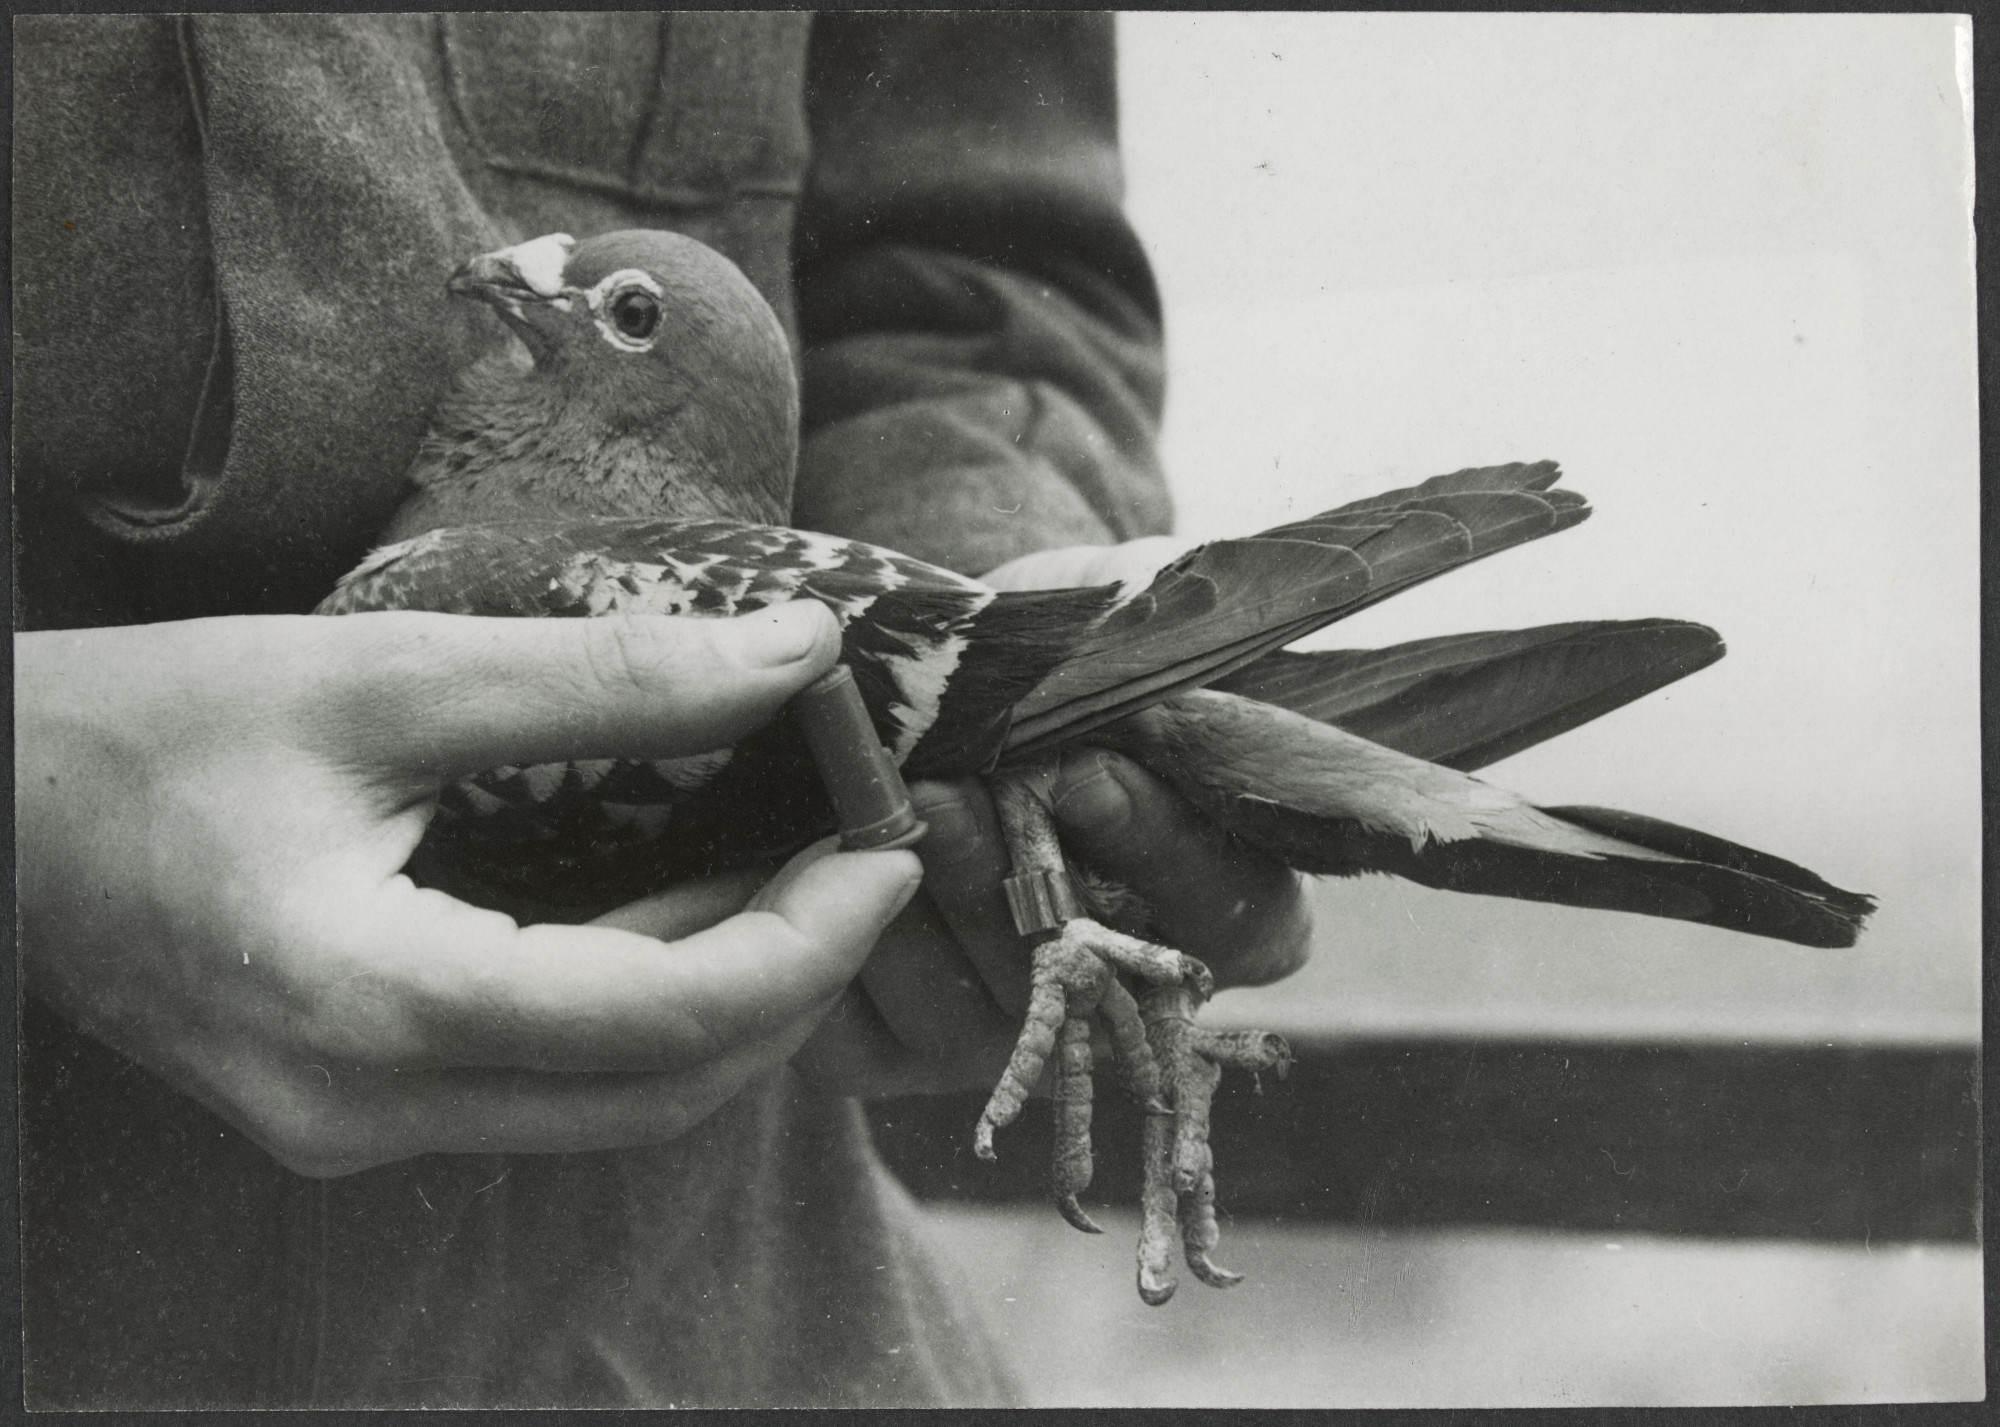 H2000 200 424 - Un soldat britannique accroche un message à un Pigeon dans une petite capsule